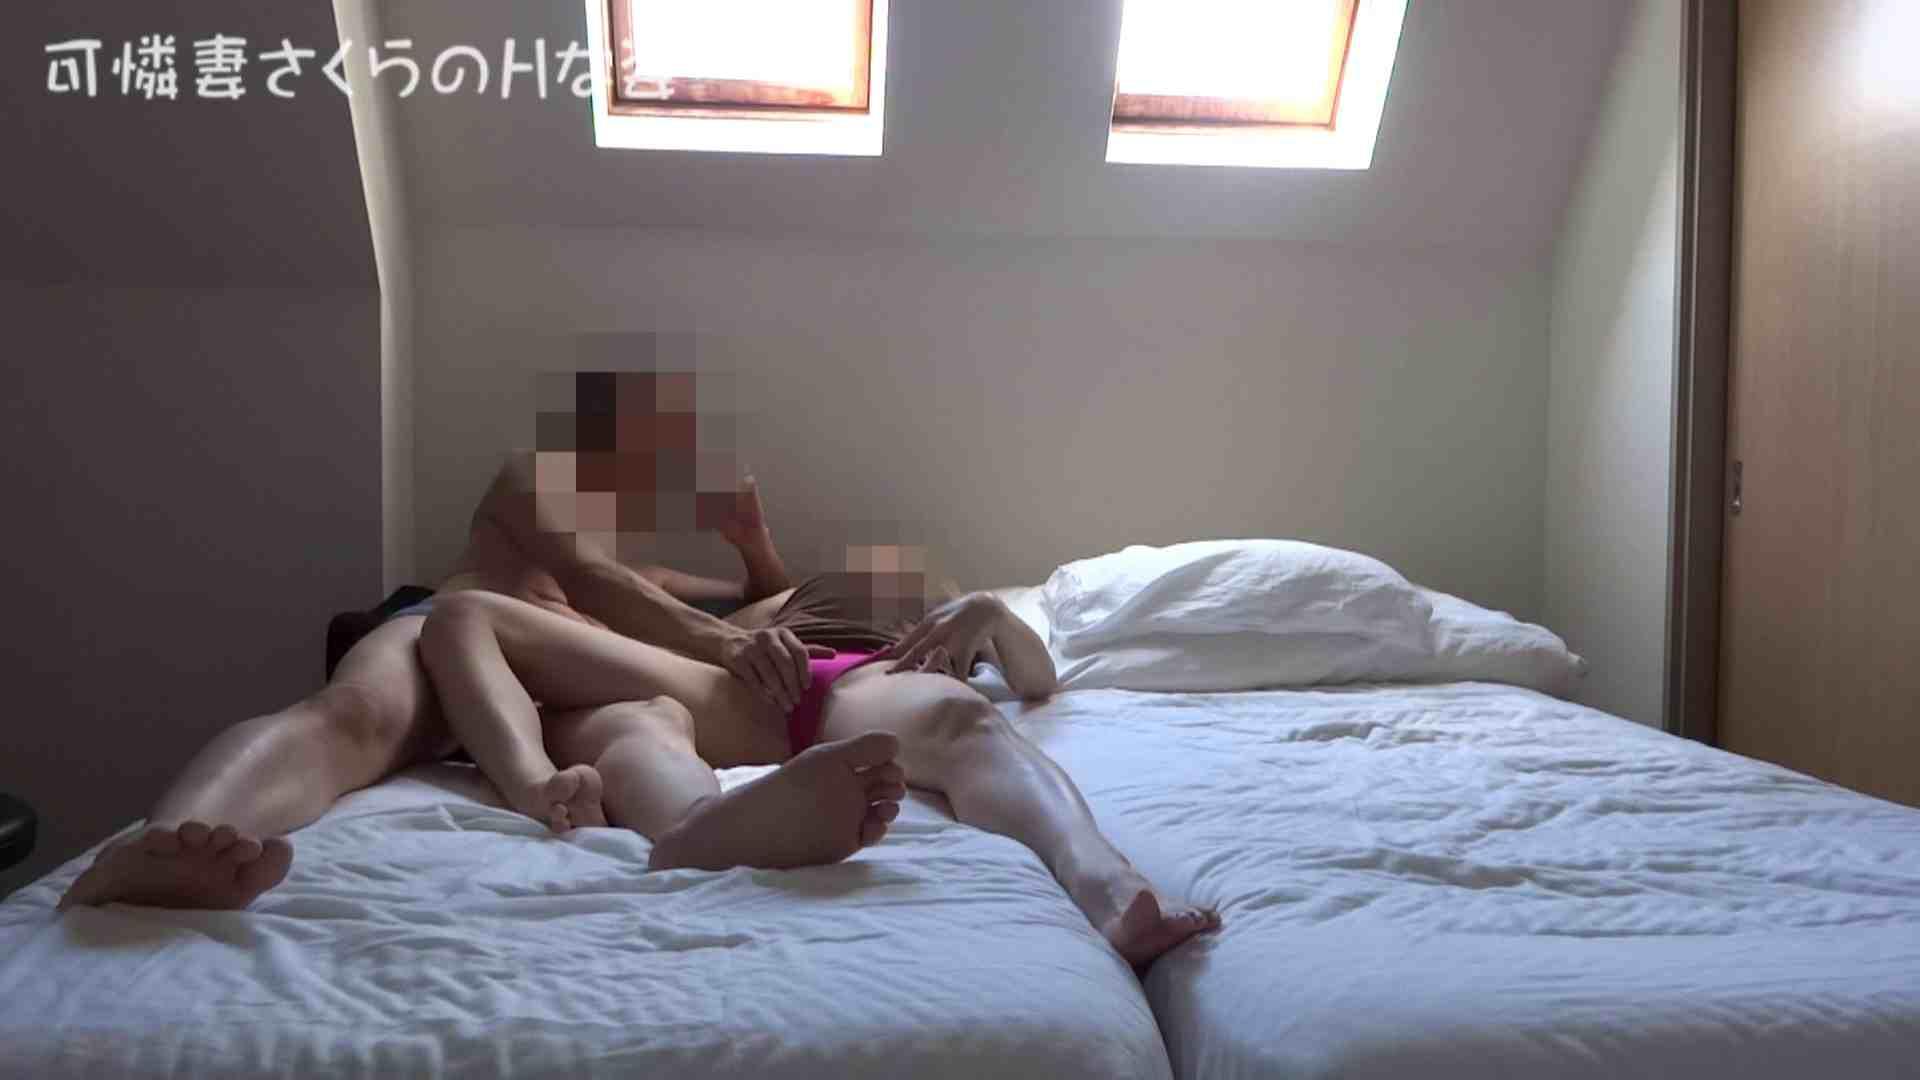 可憐妻さくらのHな姿vol.14 セックス 盗み撮り動画キャプチャ 56PIX 11